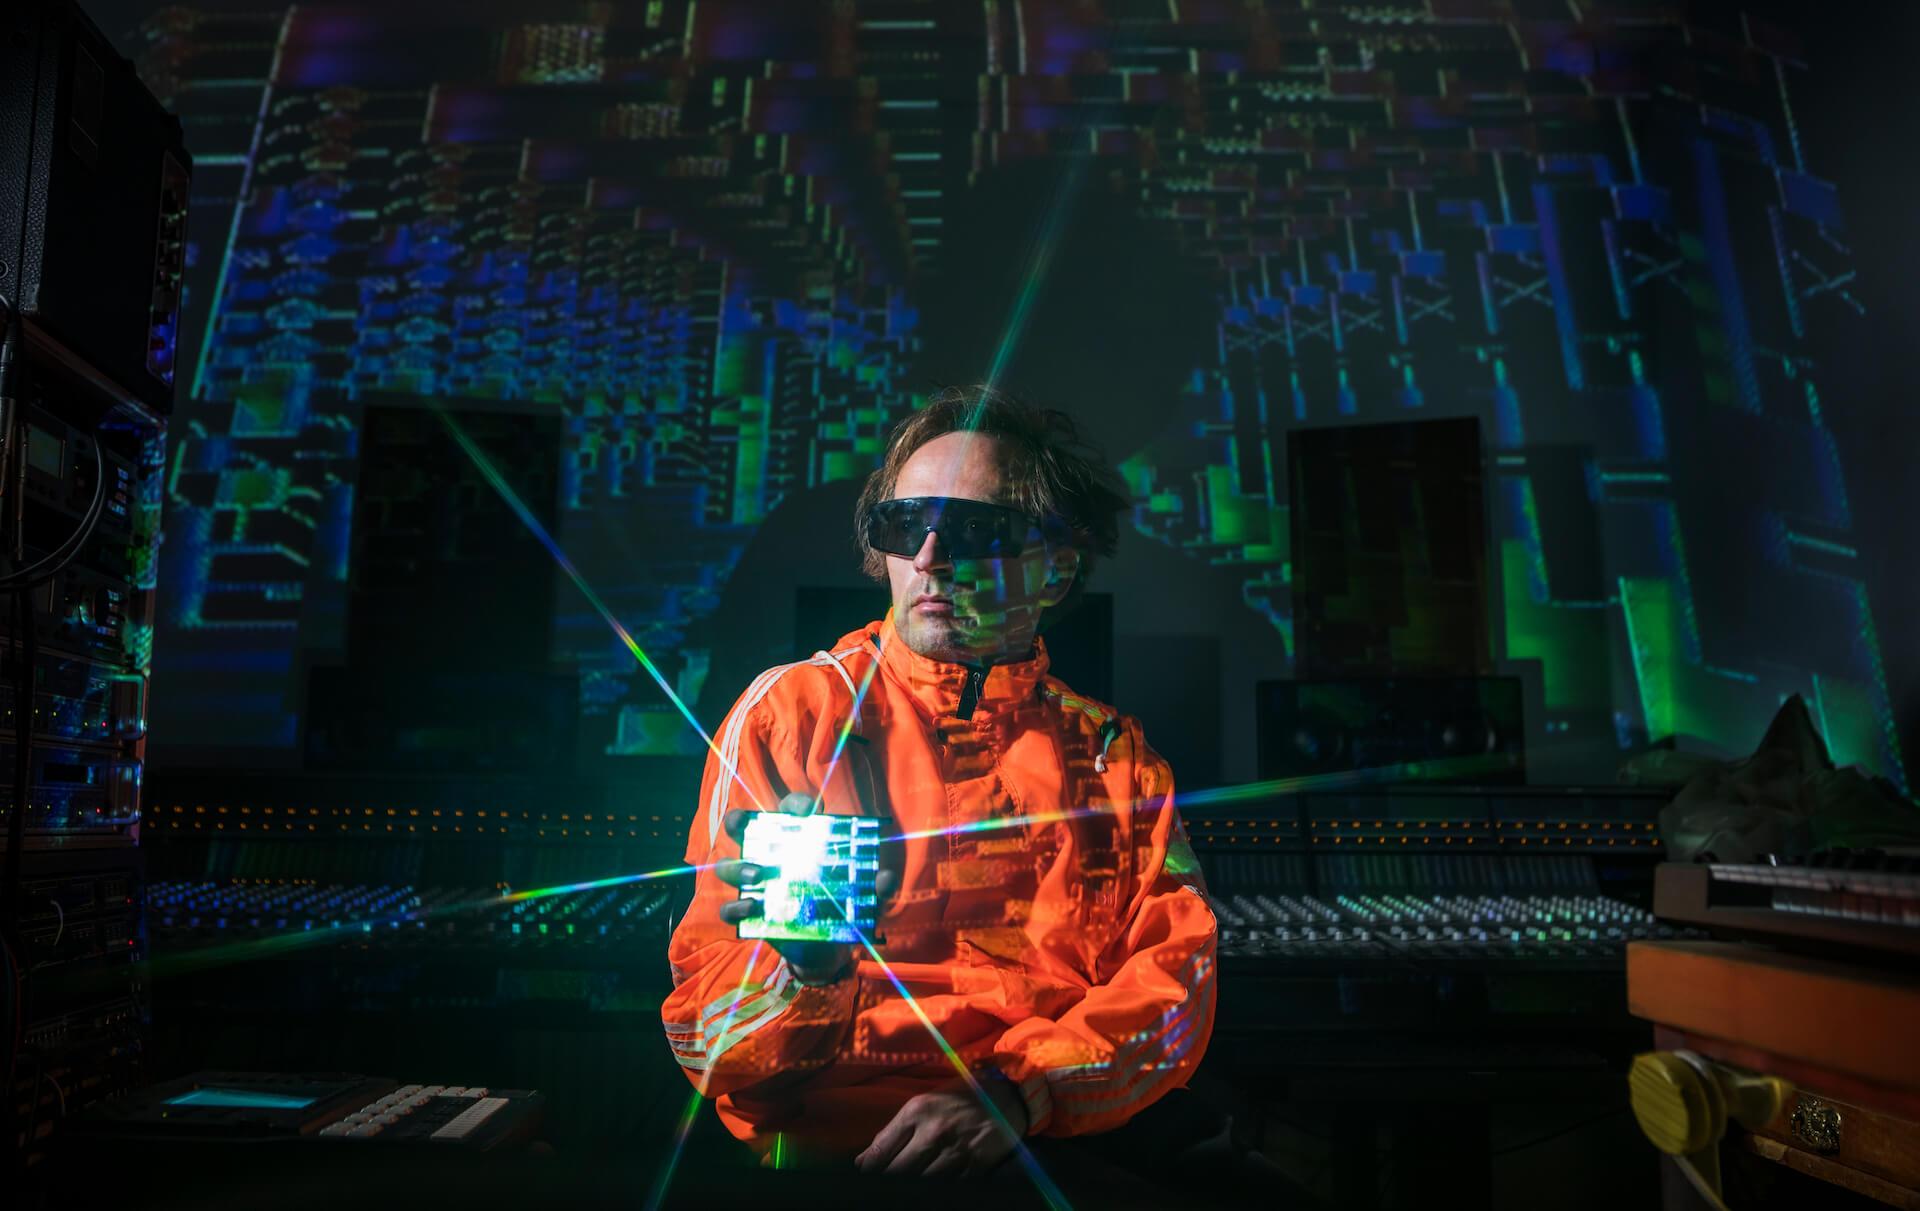 スクエアプッシャー『BE UP A HELLO』リリース前夜祭がタワレコ渋谷で開催決定!真鍋大度、mito、たなしんのトークライブも music200128_squarepusher_1